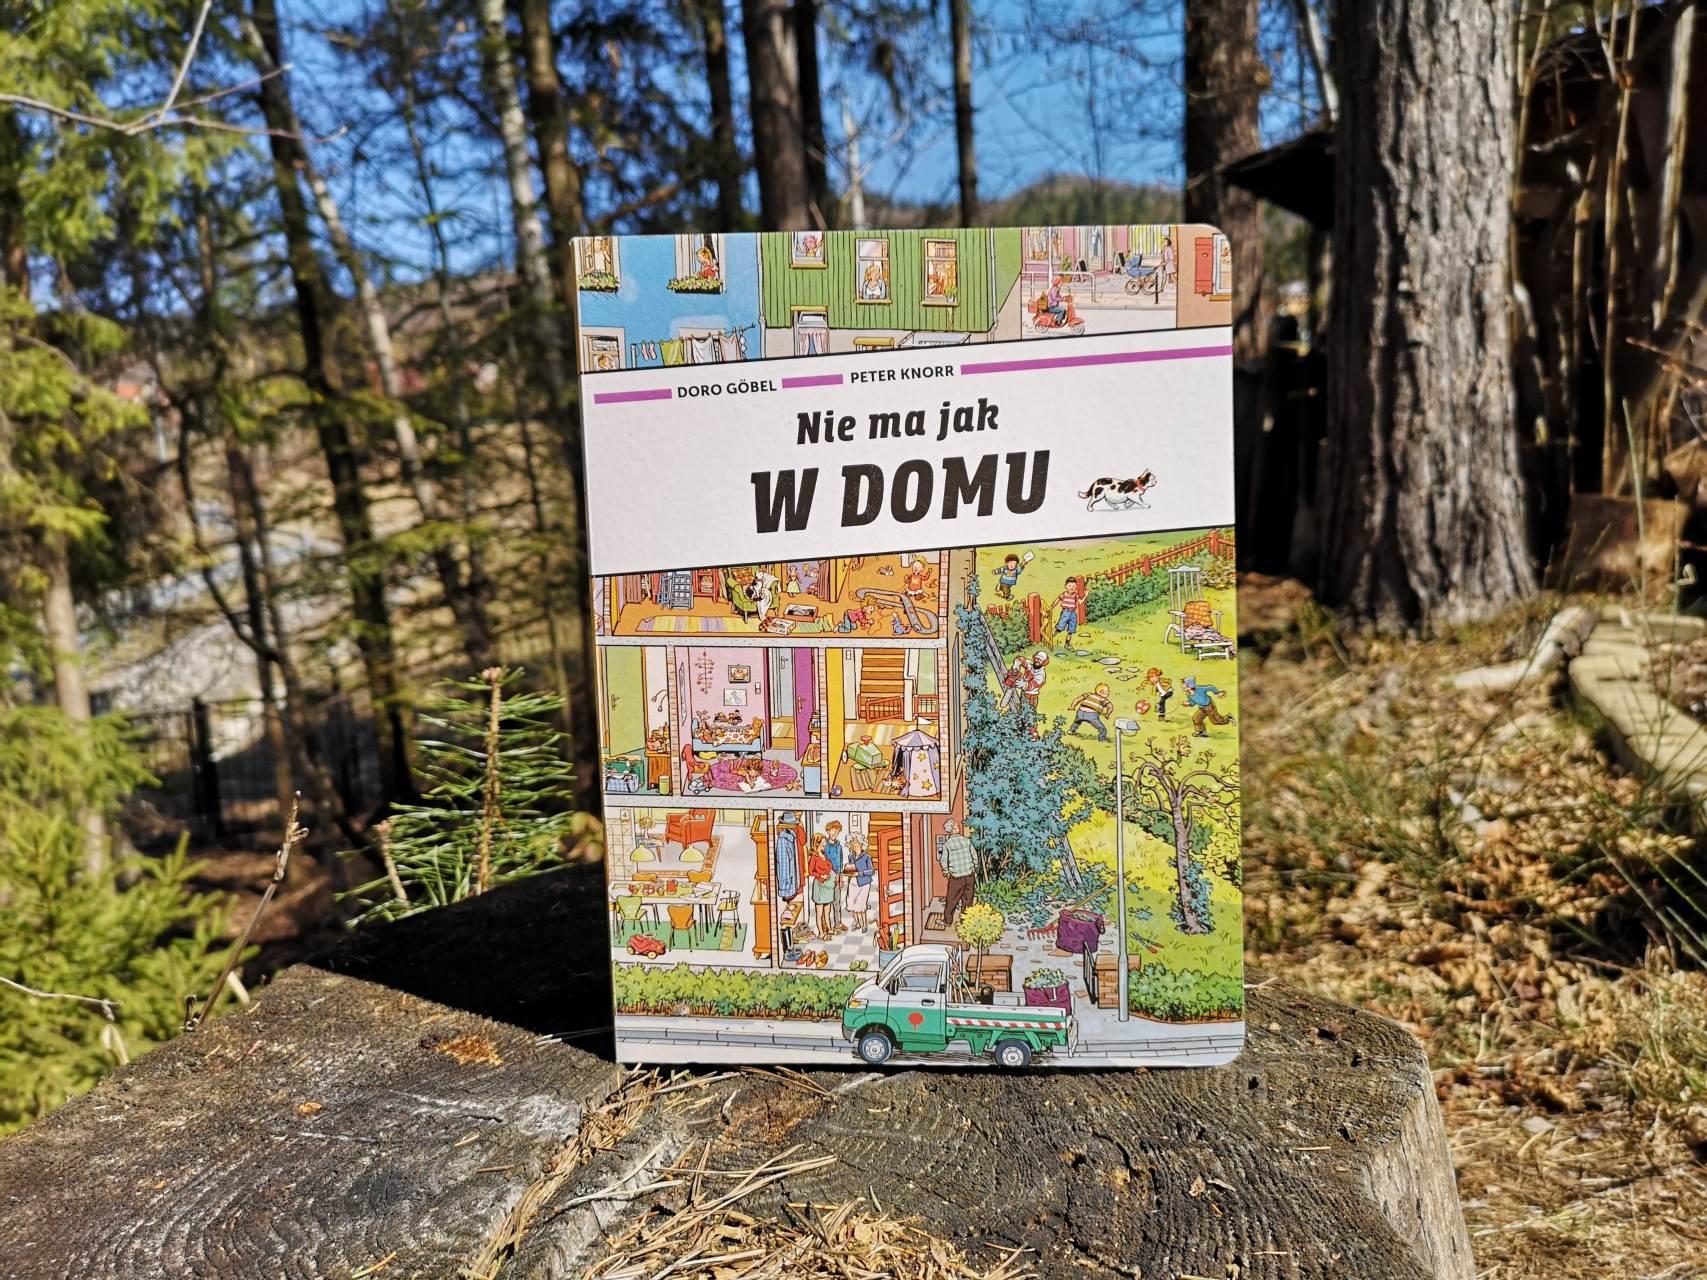 Nie ma jak w domu - Doro Göbel, Peter Knorr